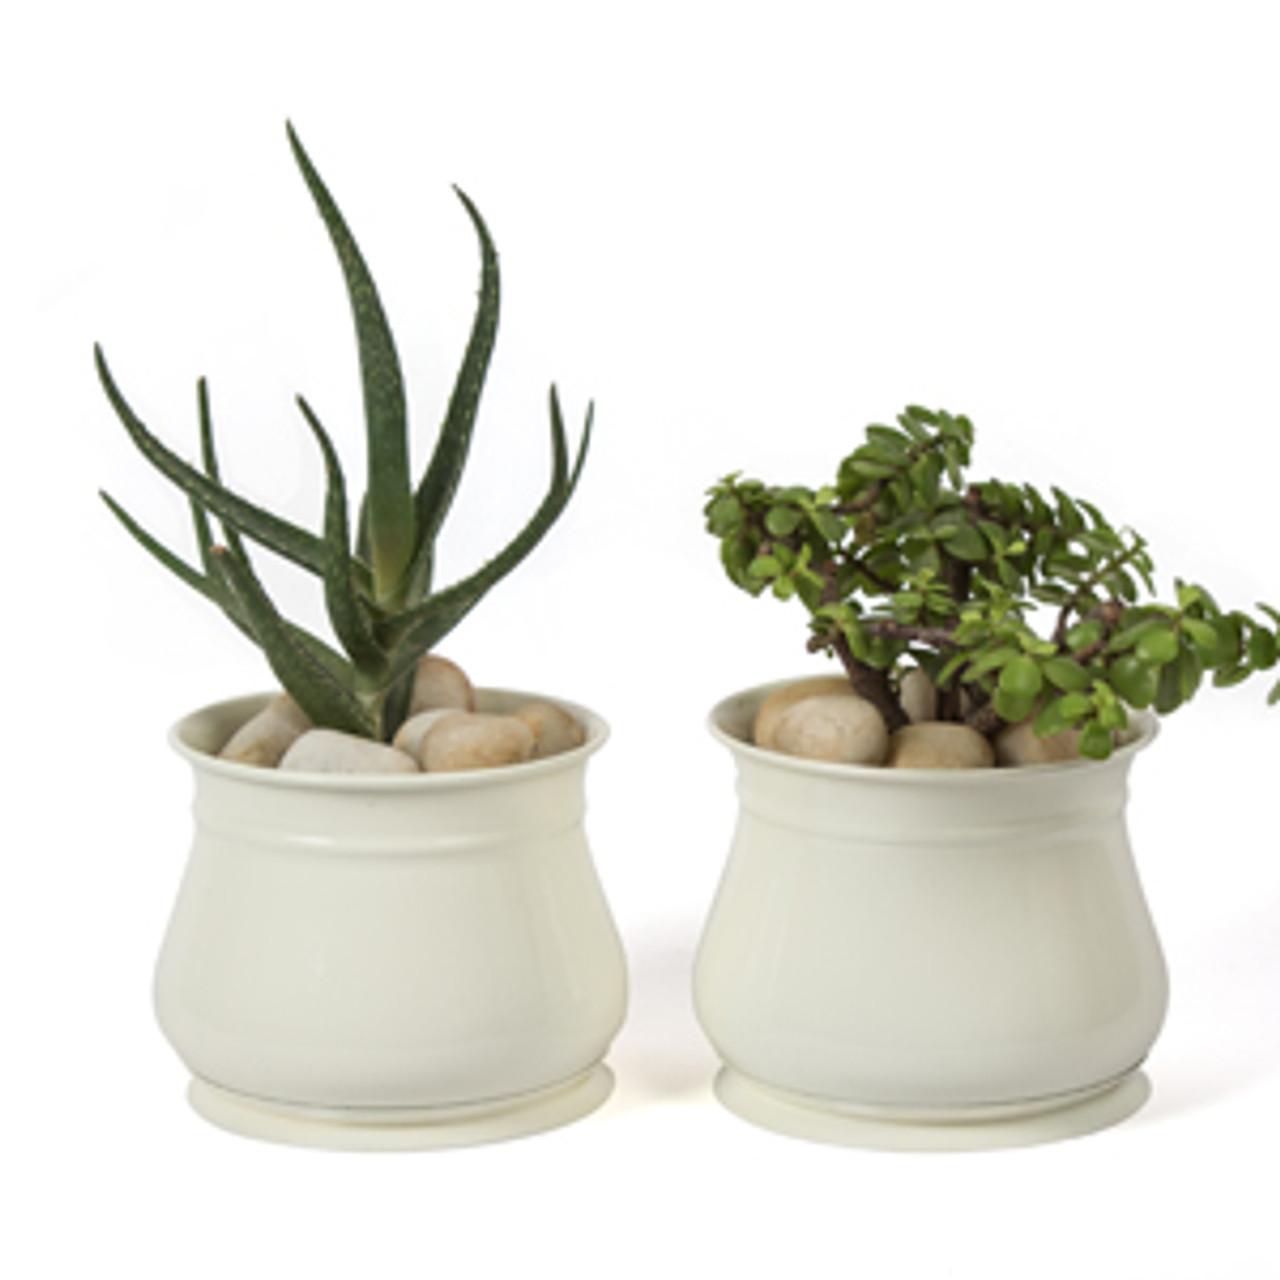 H Potter Succulent Planter Pots Set Of 2 Outdoor Indoor